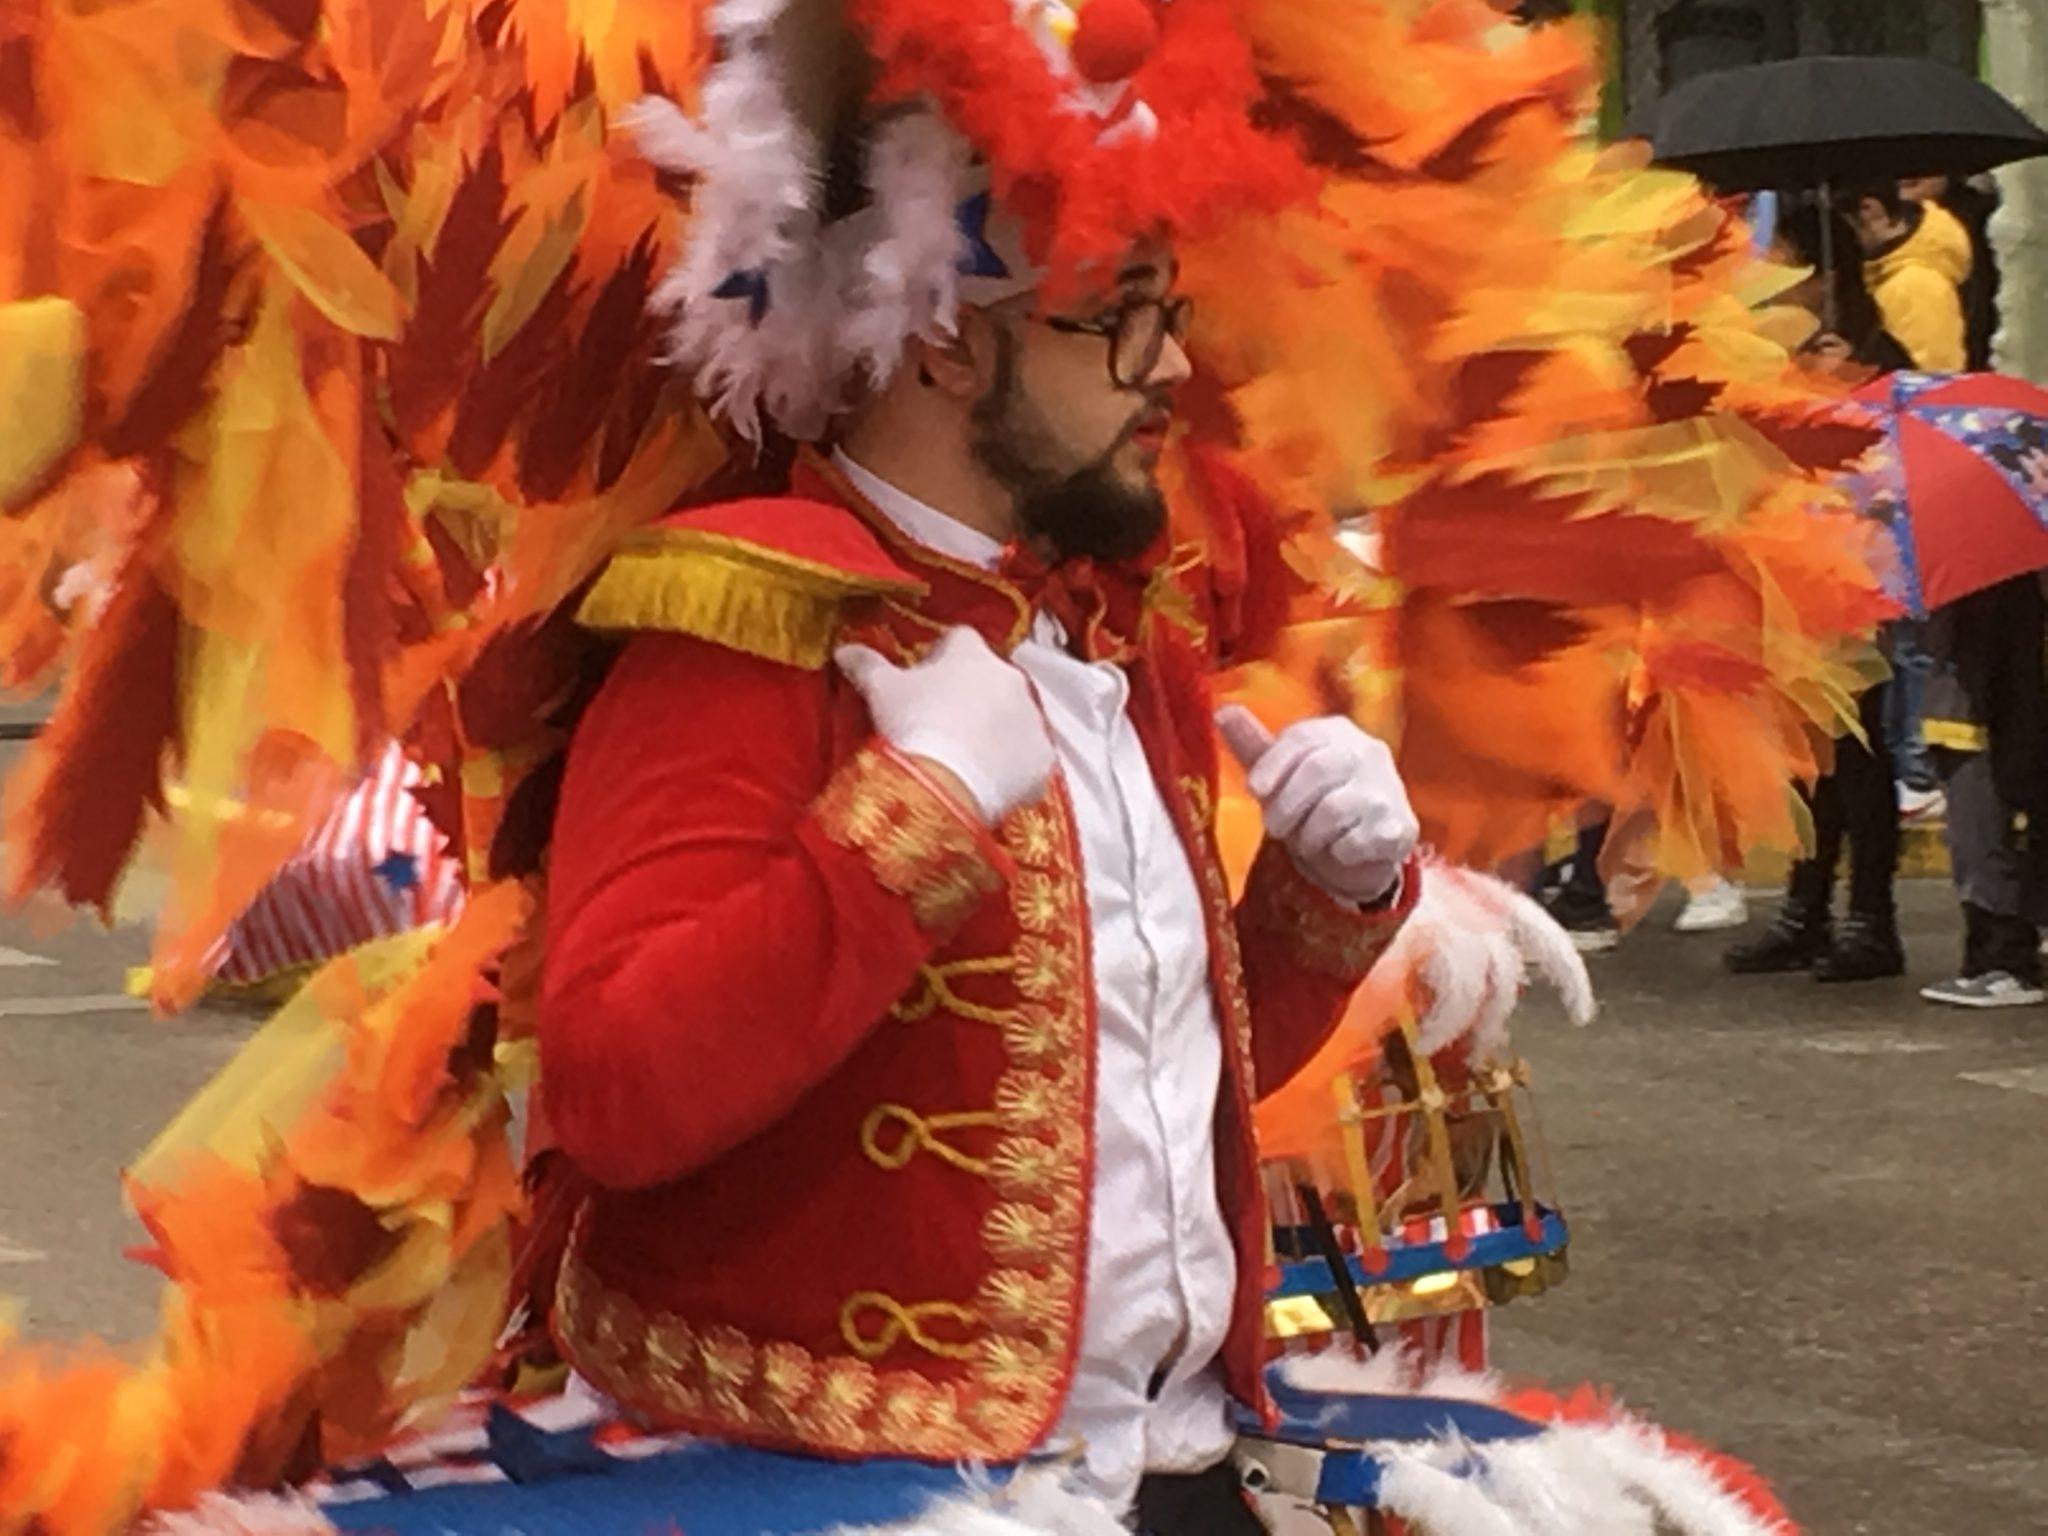 Álbum de fotos del martes de Carnaval 2019 en Ponferrada 16